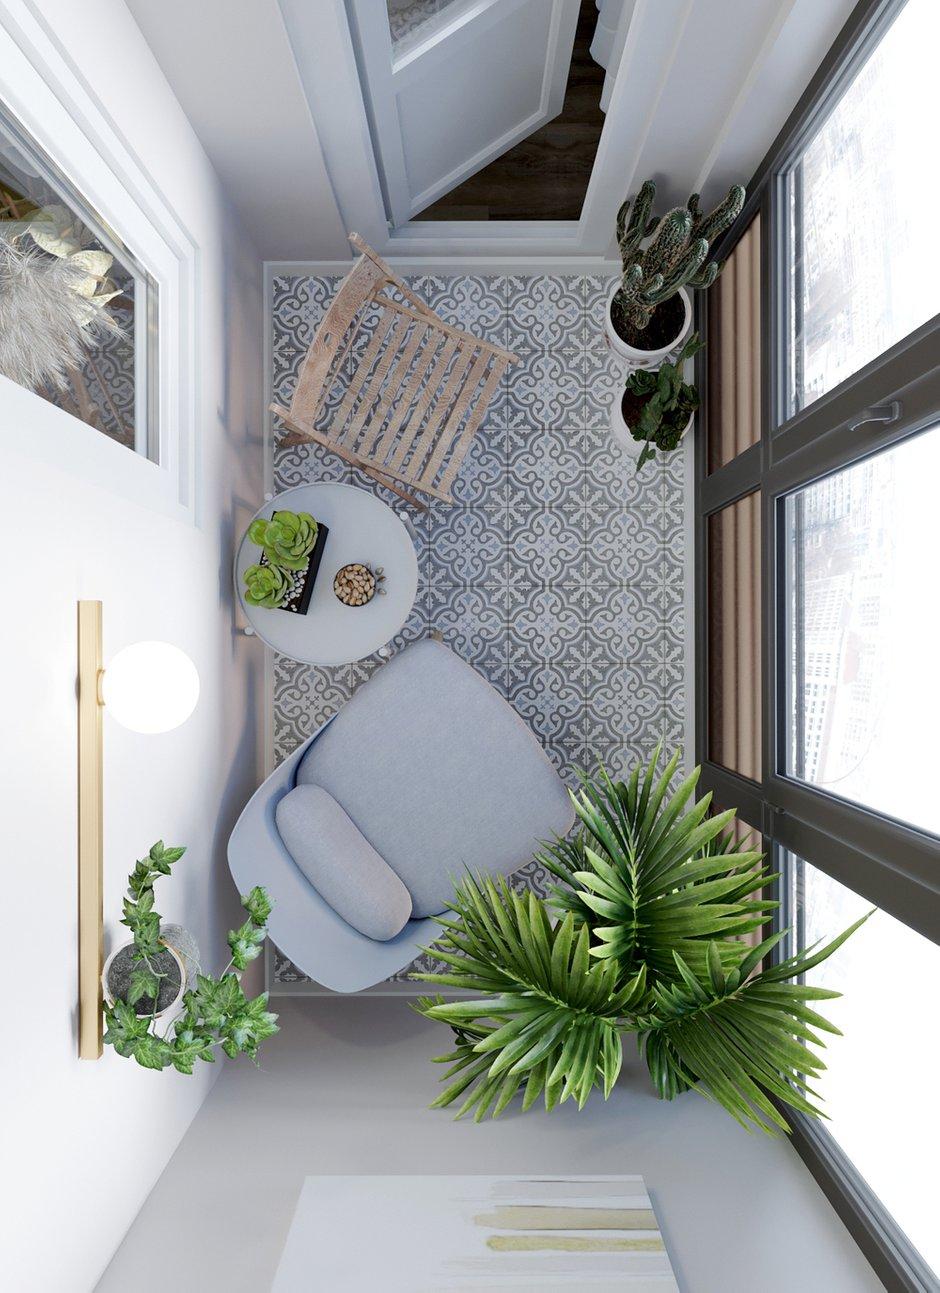 Фотография: Балкон в стиле Современный, Квартира, Студия, Проект недели, Одинцово, Монолитный дом, до 40 метров, Ольга Бойцова – фото на INMYROOM